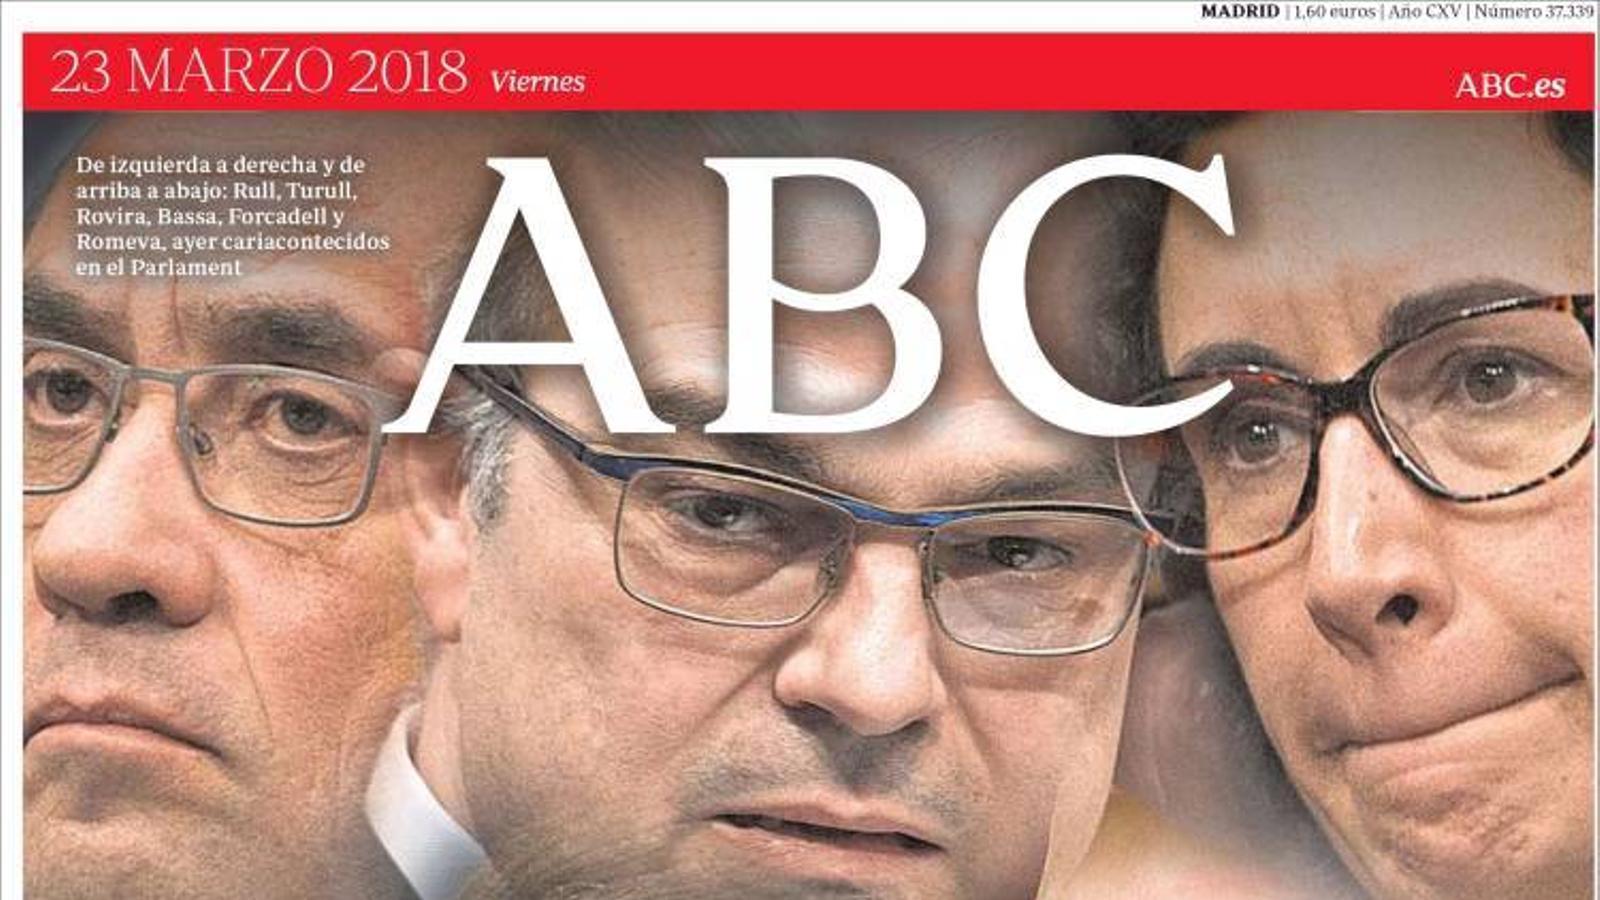 Portada de l'Abc, 23 de març del 2018